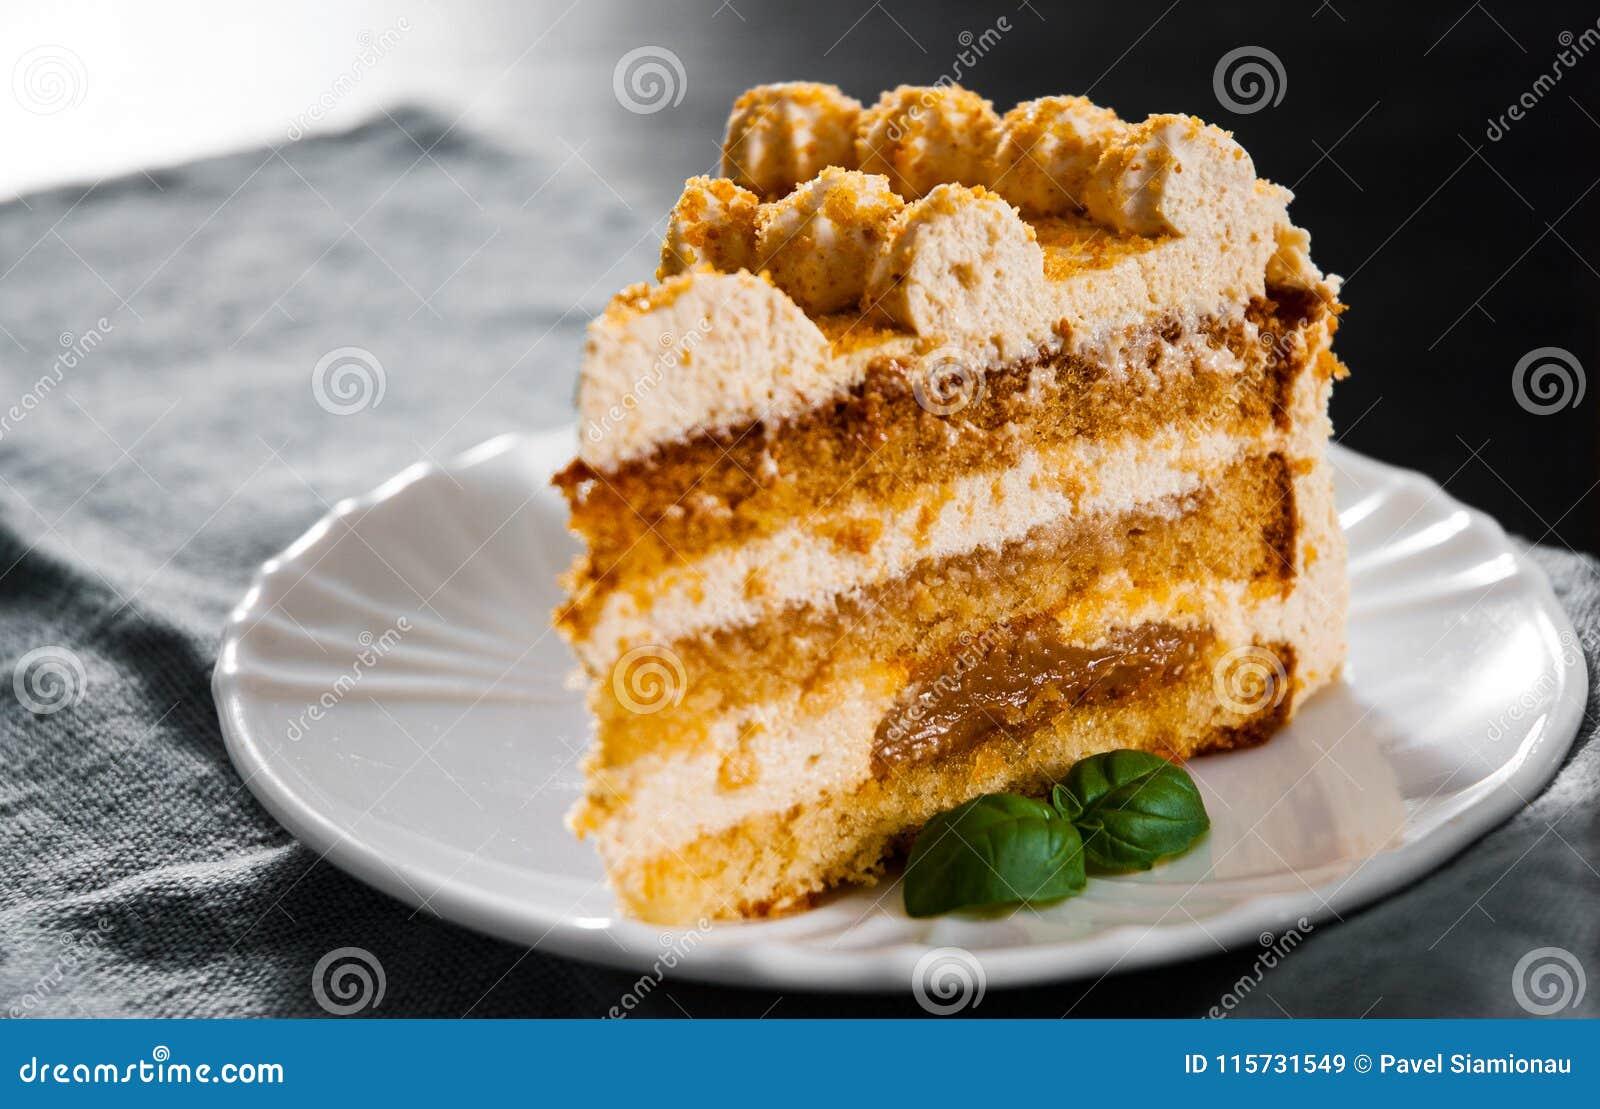 Tranche de gâteau de miel posé dans un plat